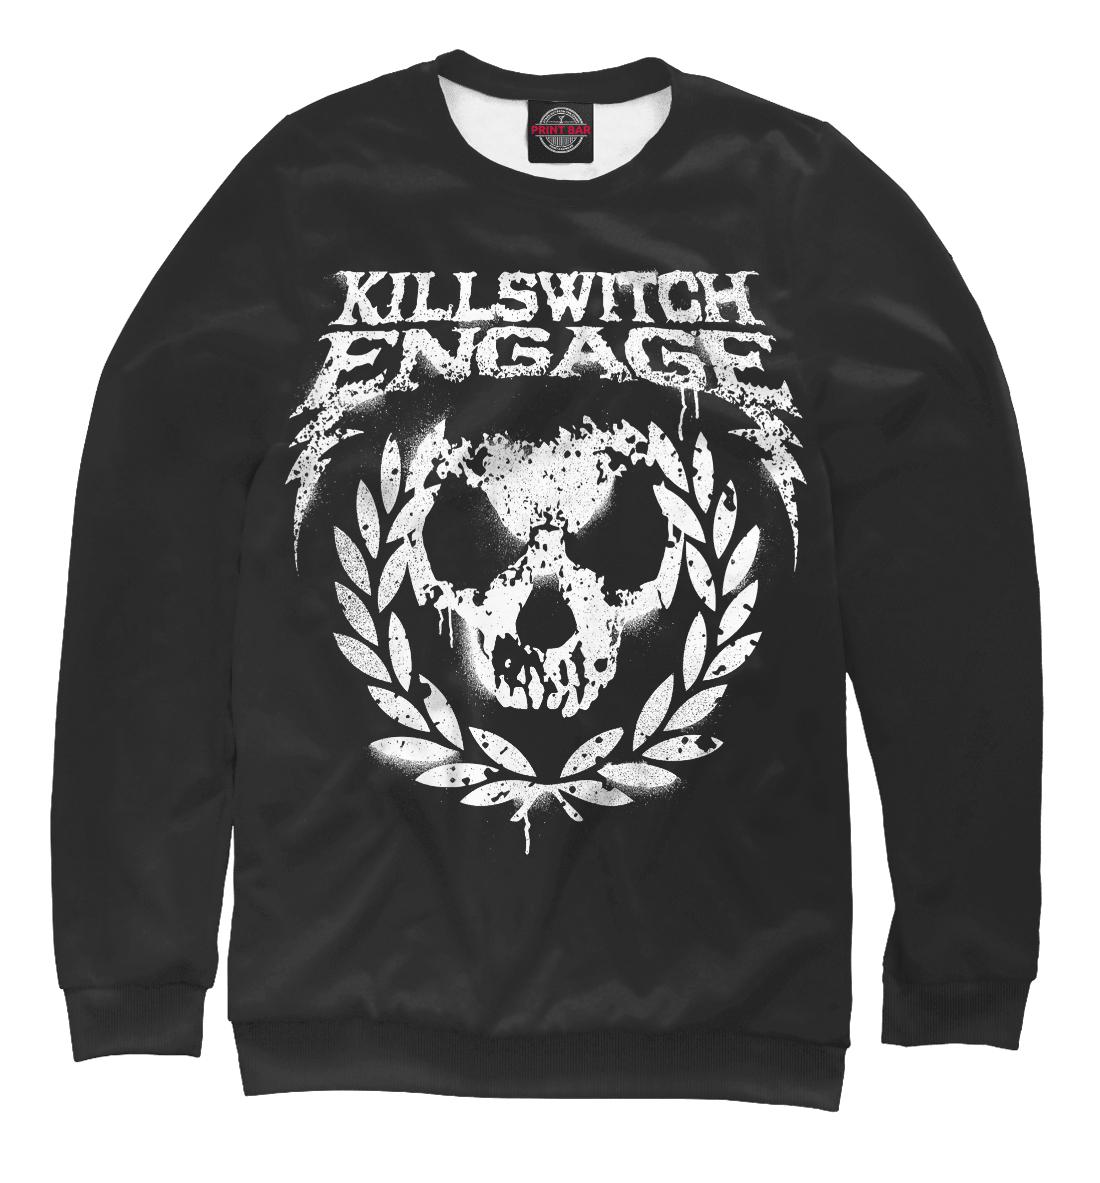 Купить Killswitch Engage, Printbar, Свитшоты, KSE-959633-swi-1